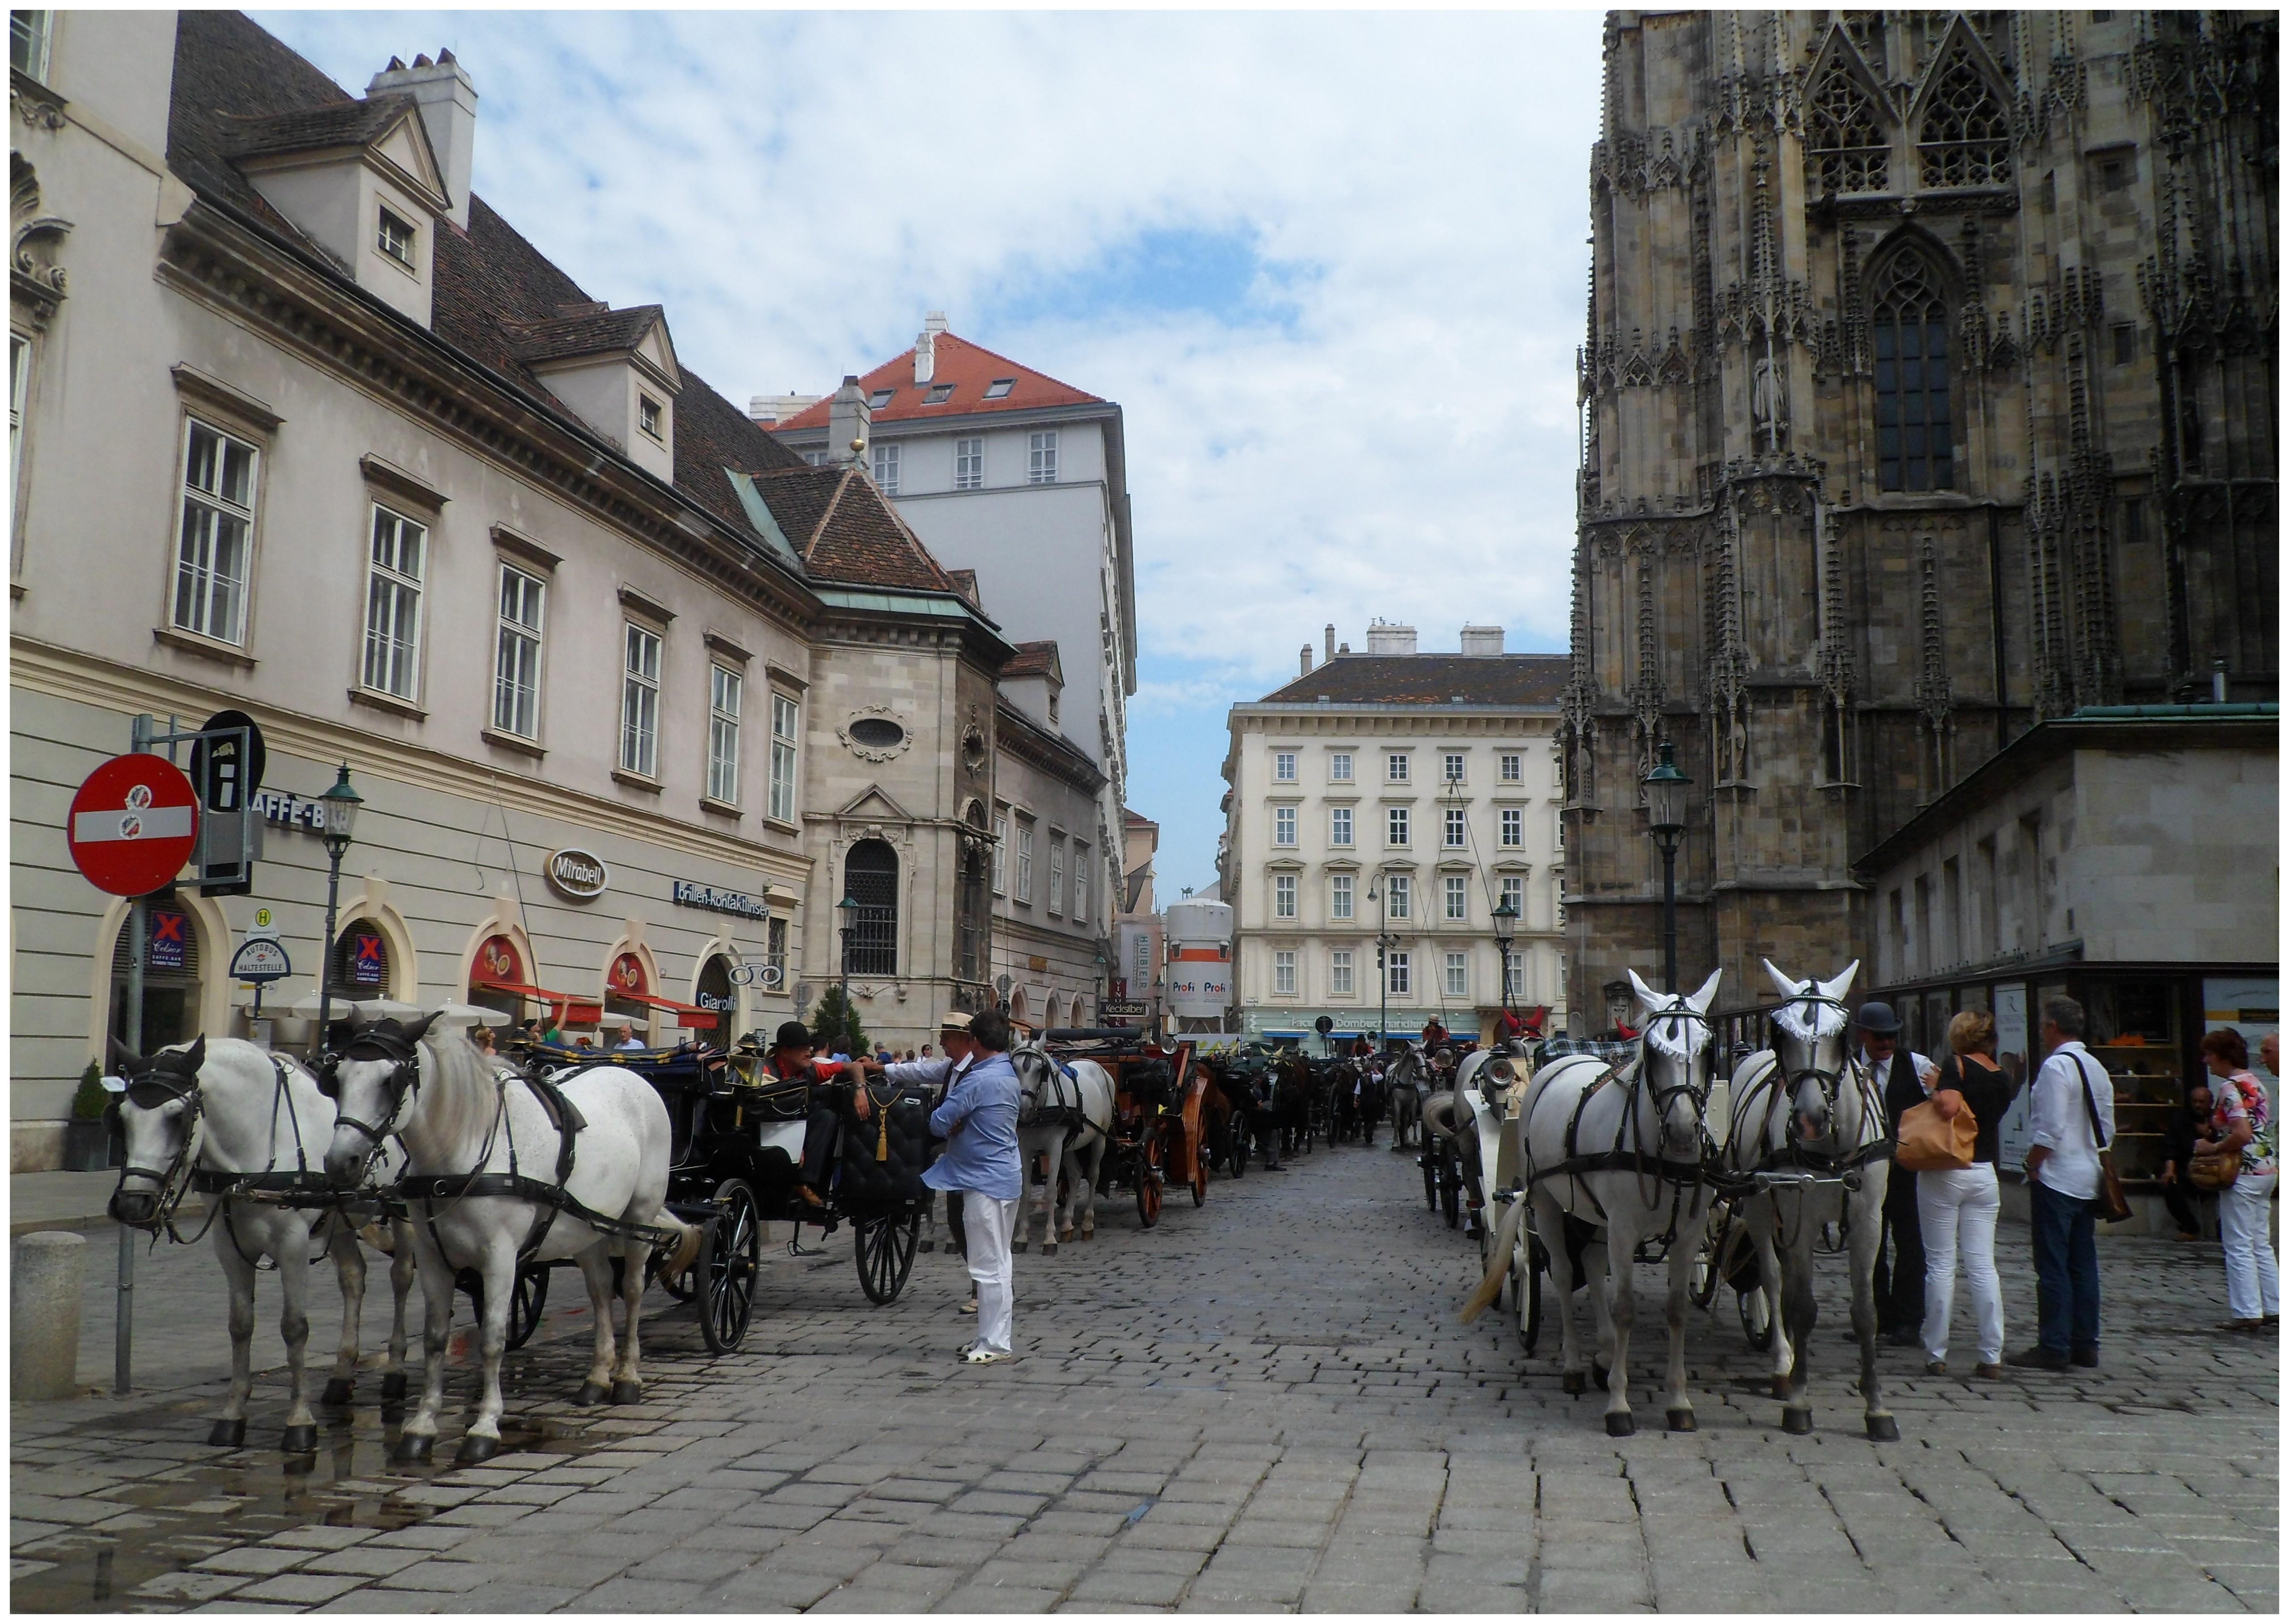 Лошади носят специальные мешки, чтобы улицы оставались чистыми